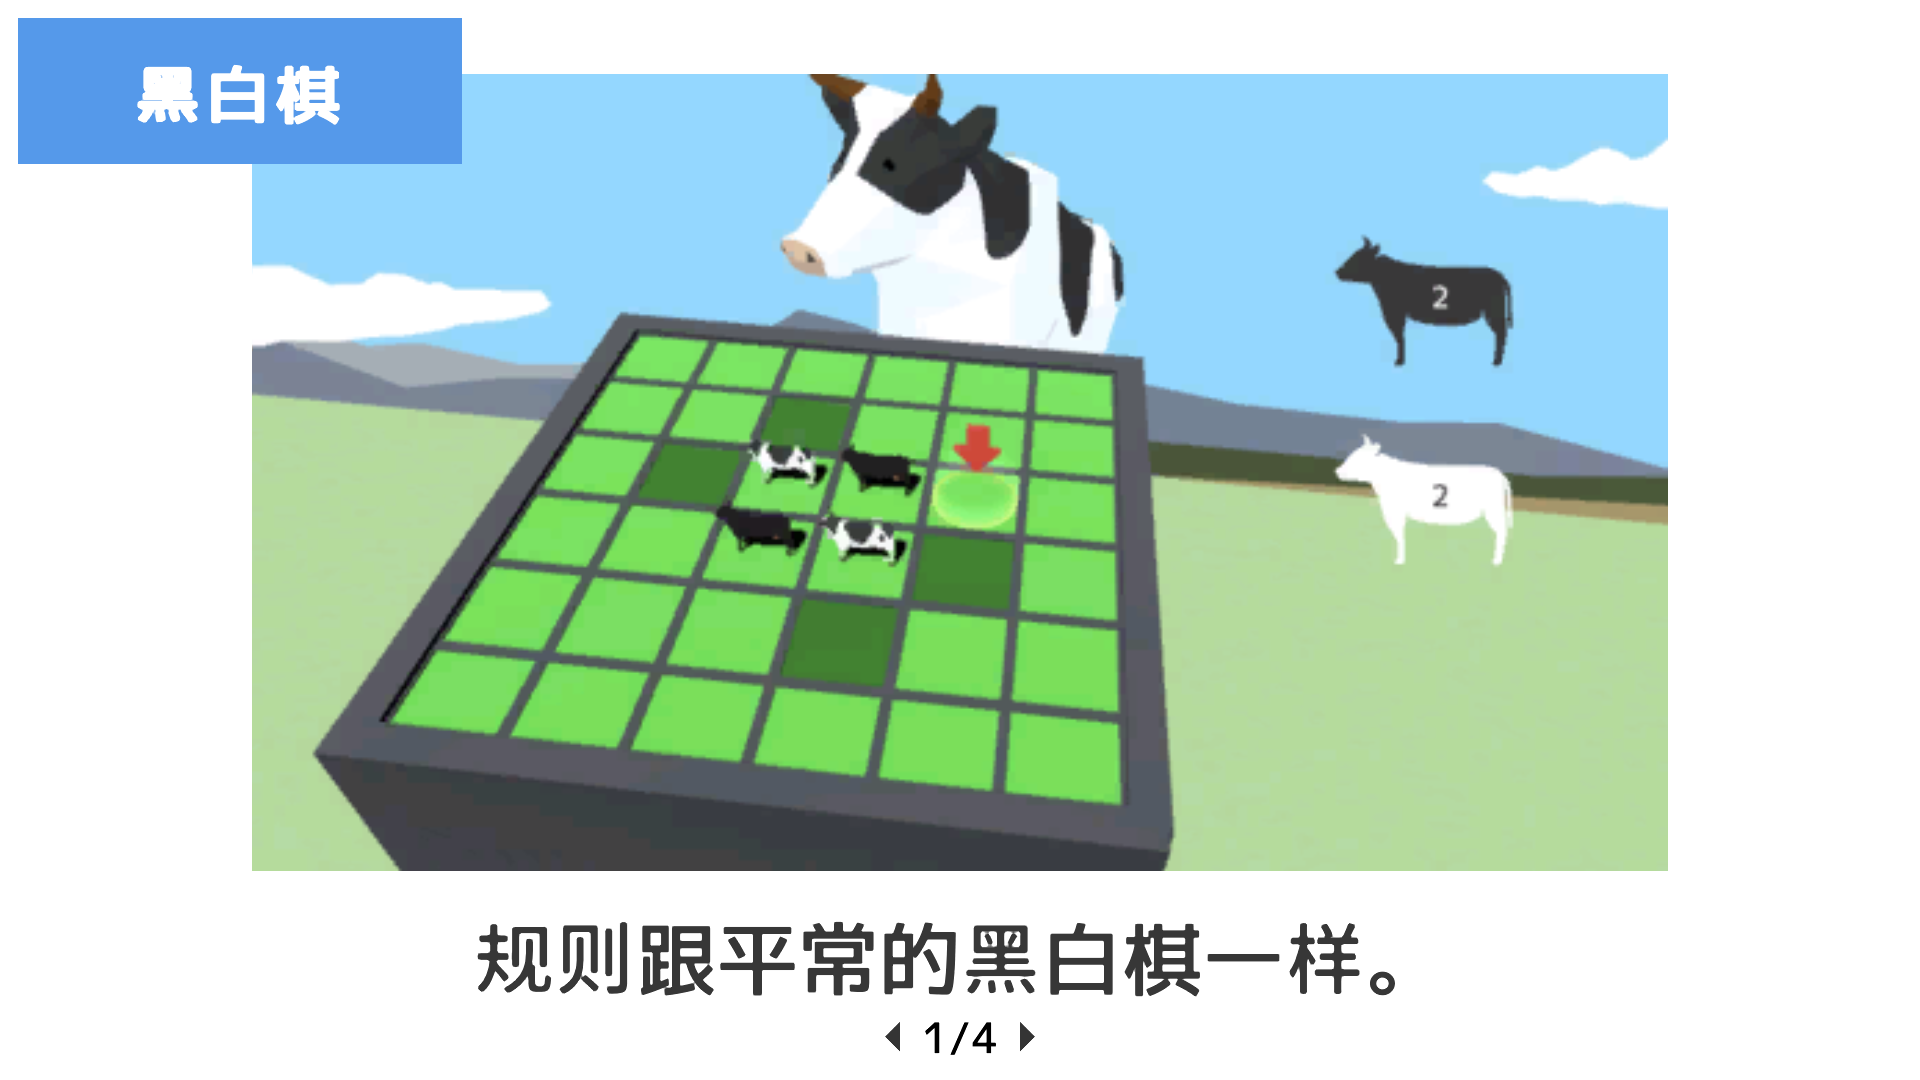 横冲直撞的野鹿,成了新动物模拟游戏的主角